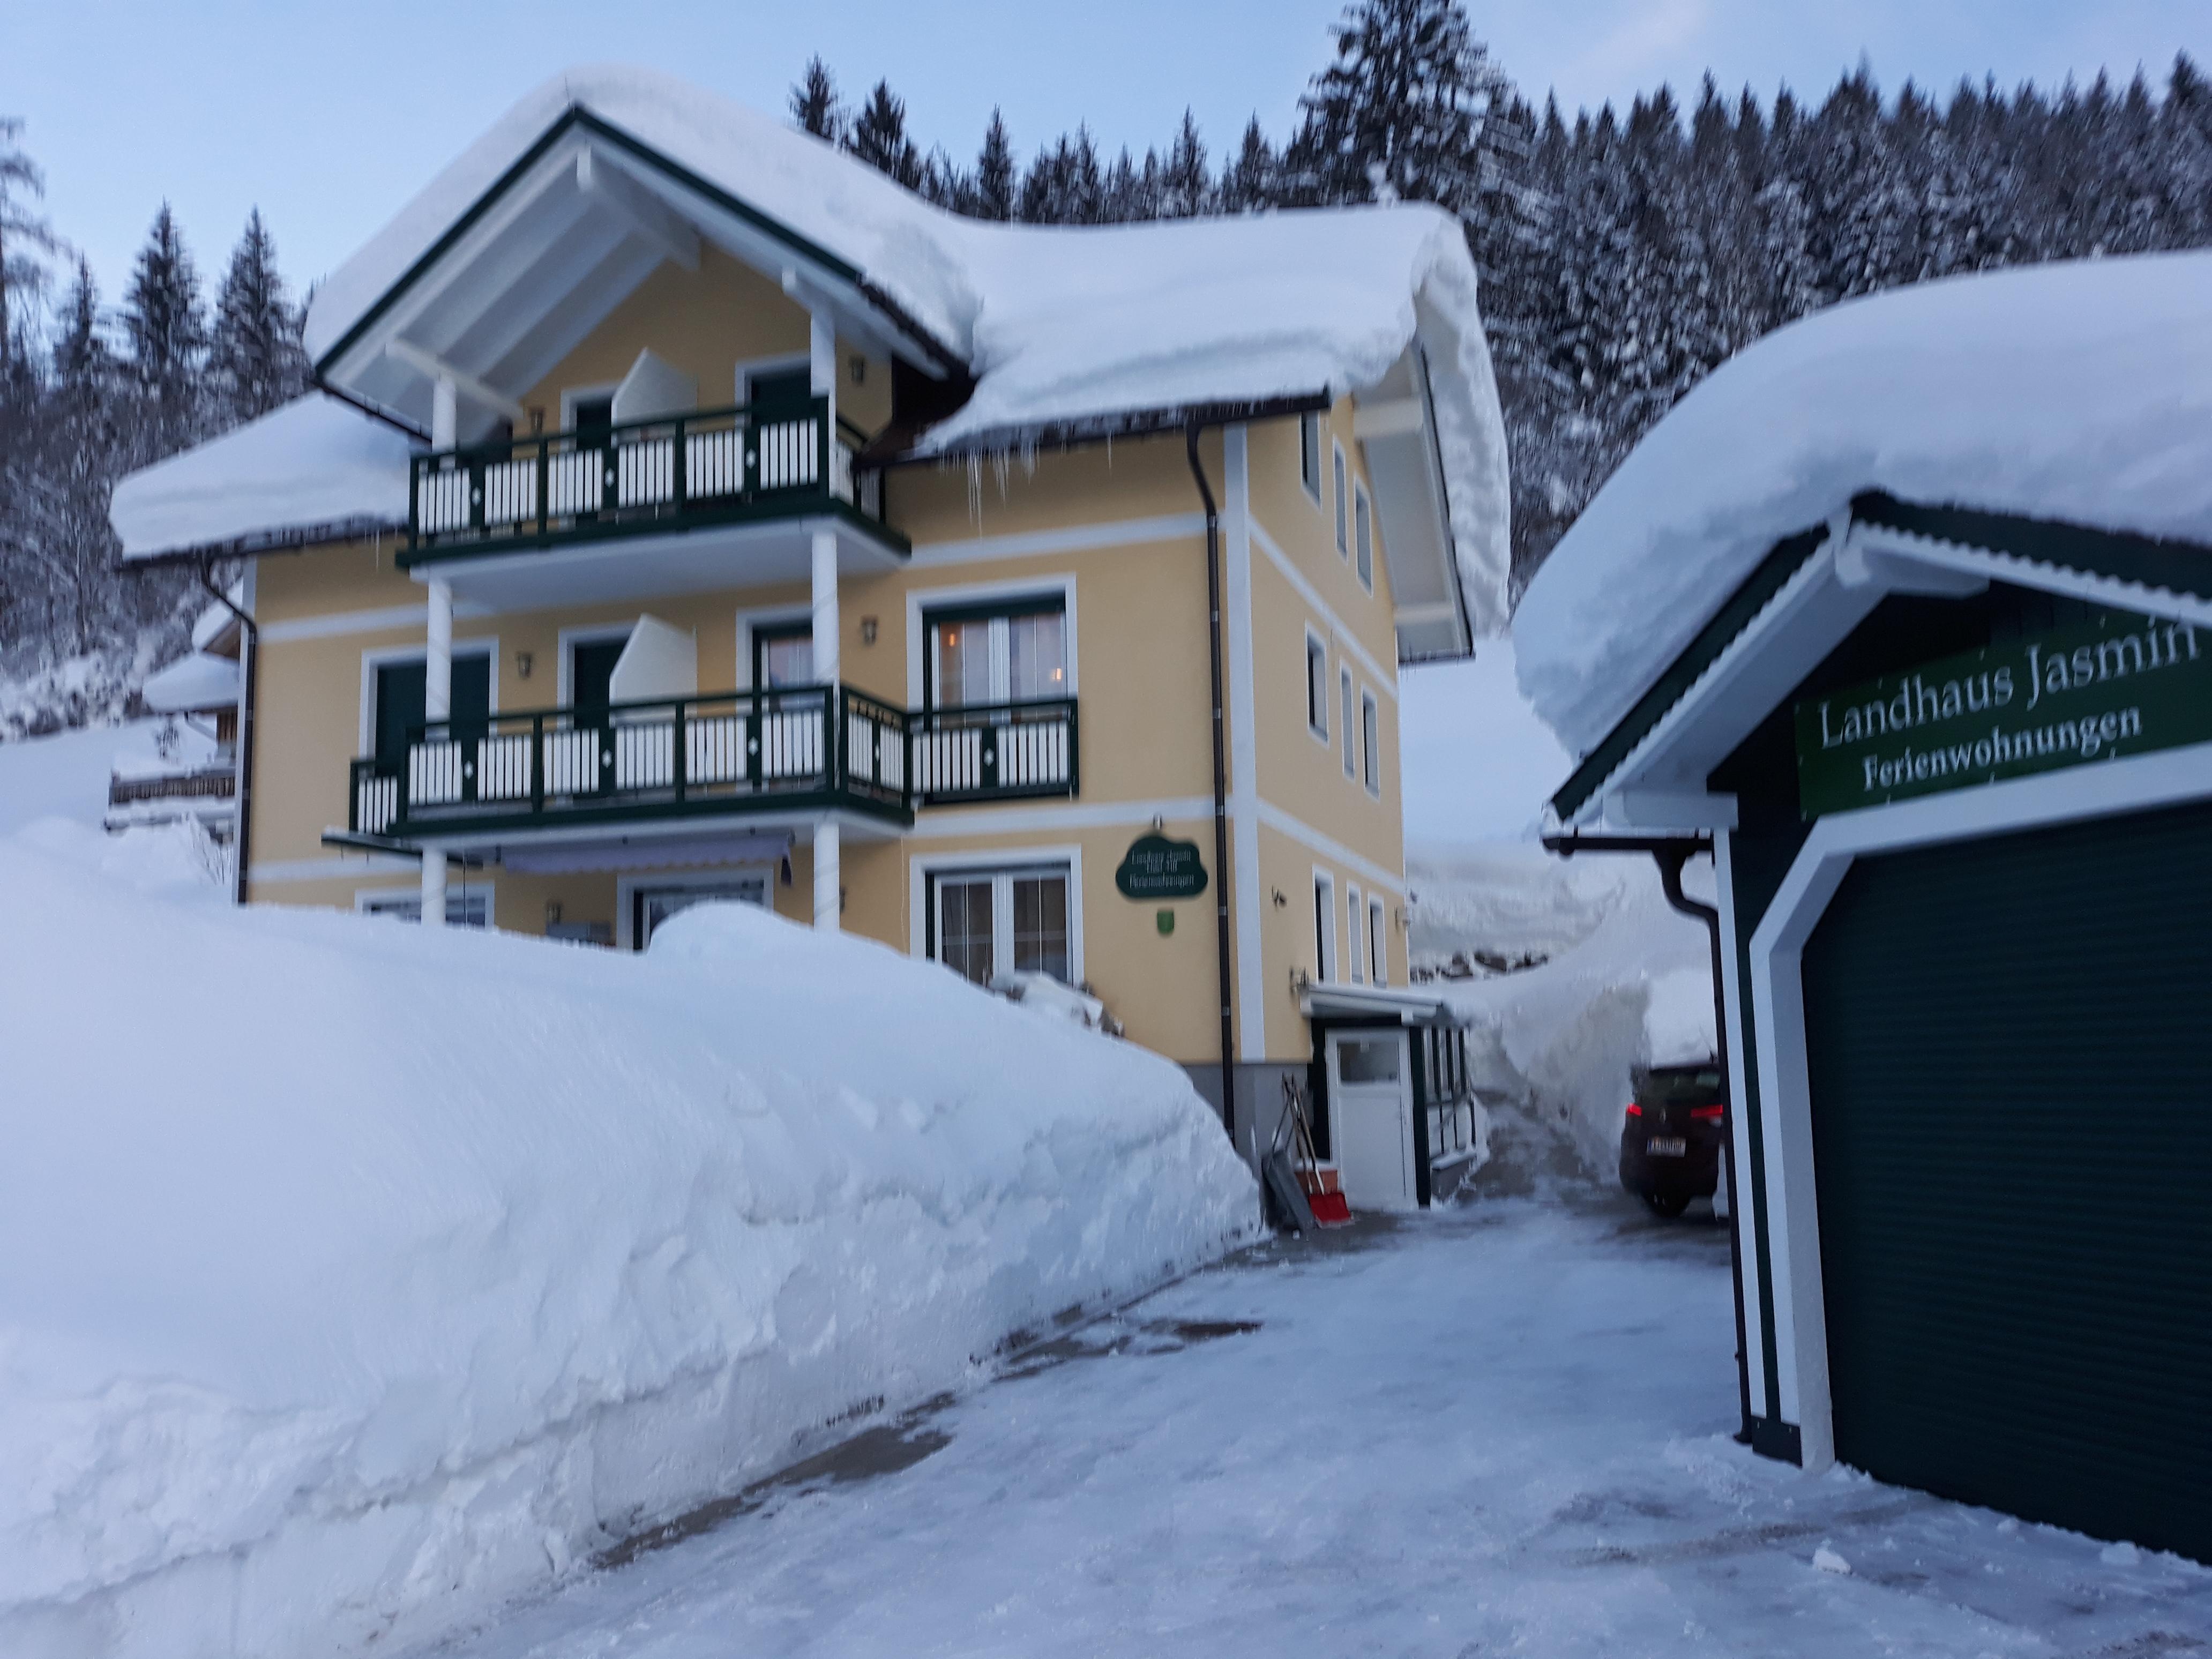 Landhaus Jasmin